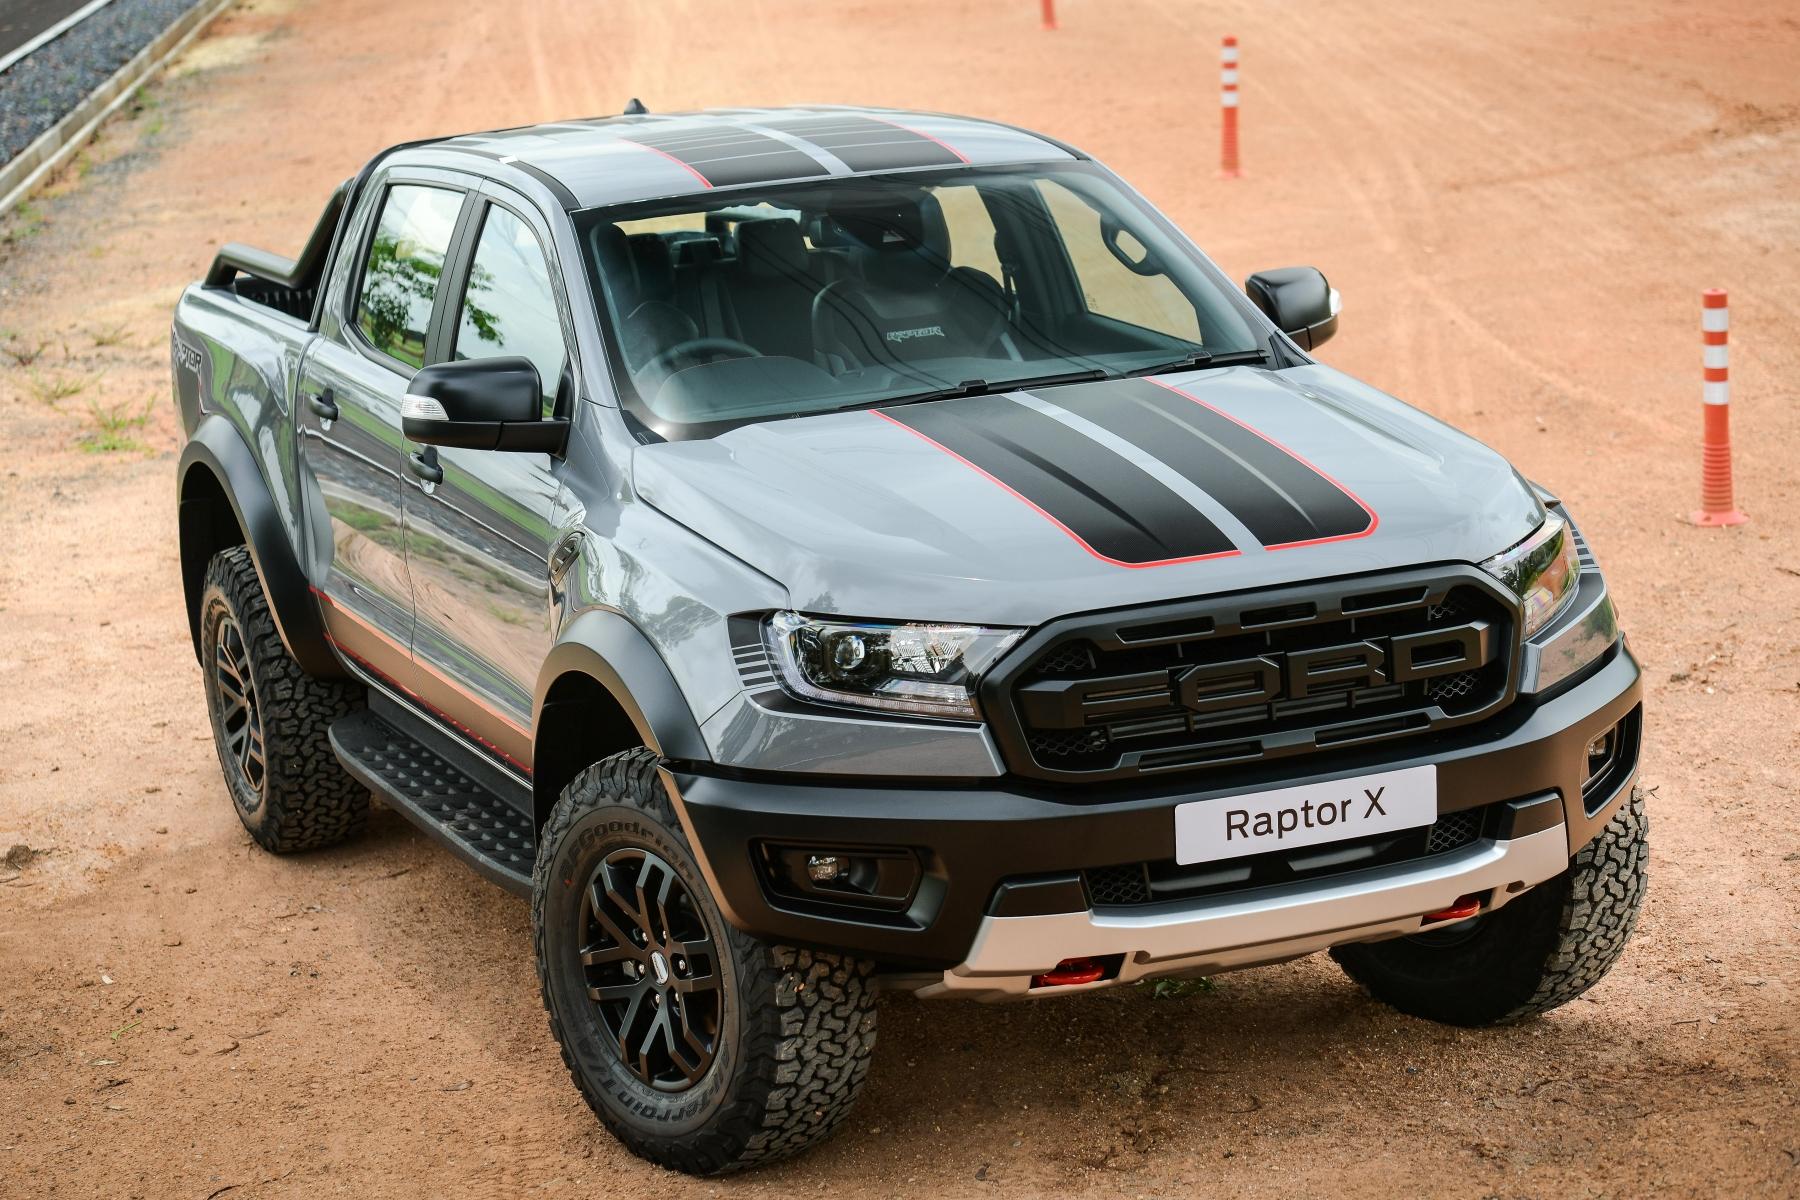 Ford Ranger Raptor X_exterior (3)